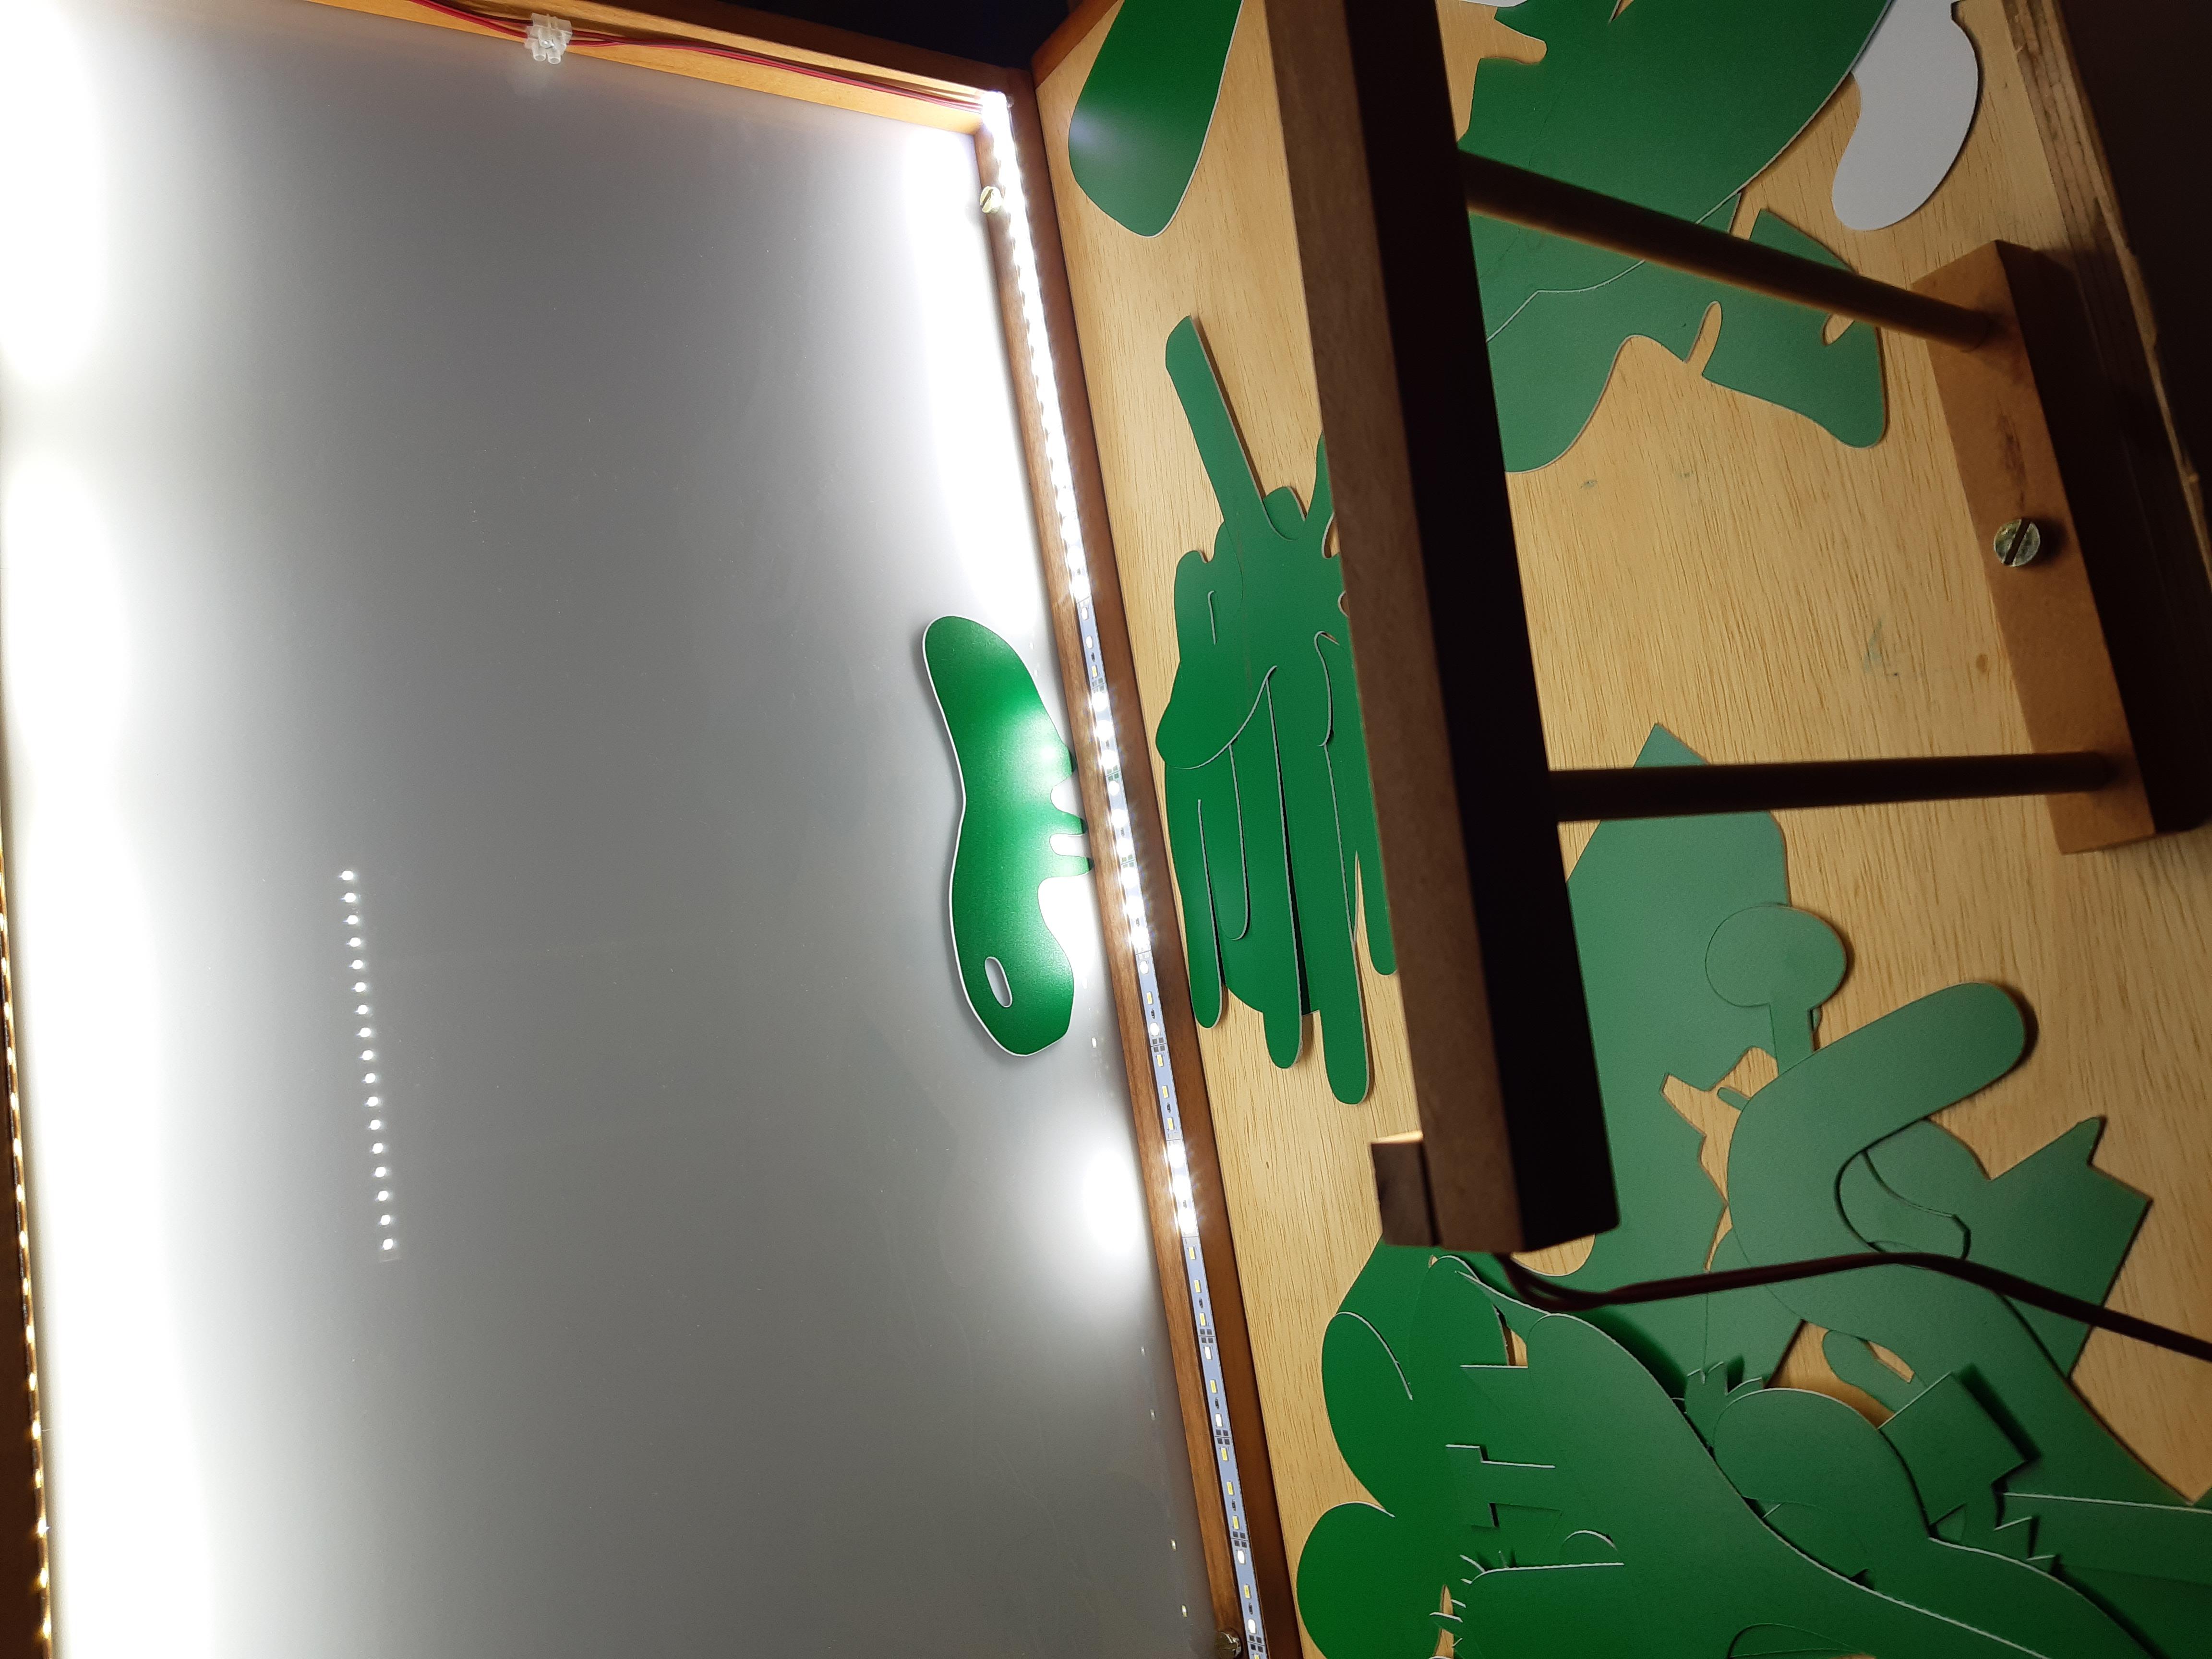 Teatro de sombras integrado a dispositivo lúdico de mediação